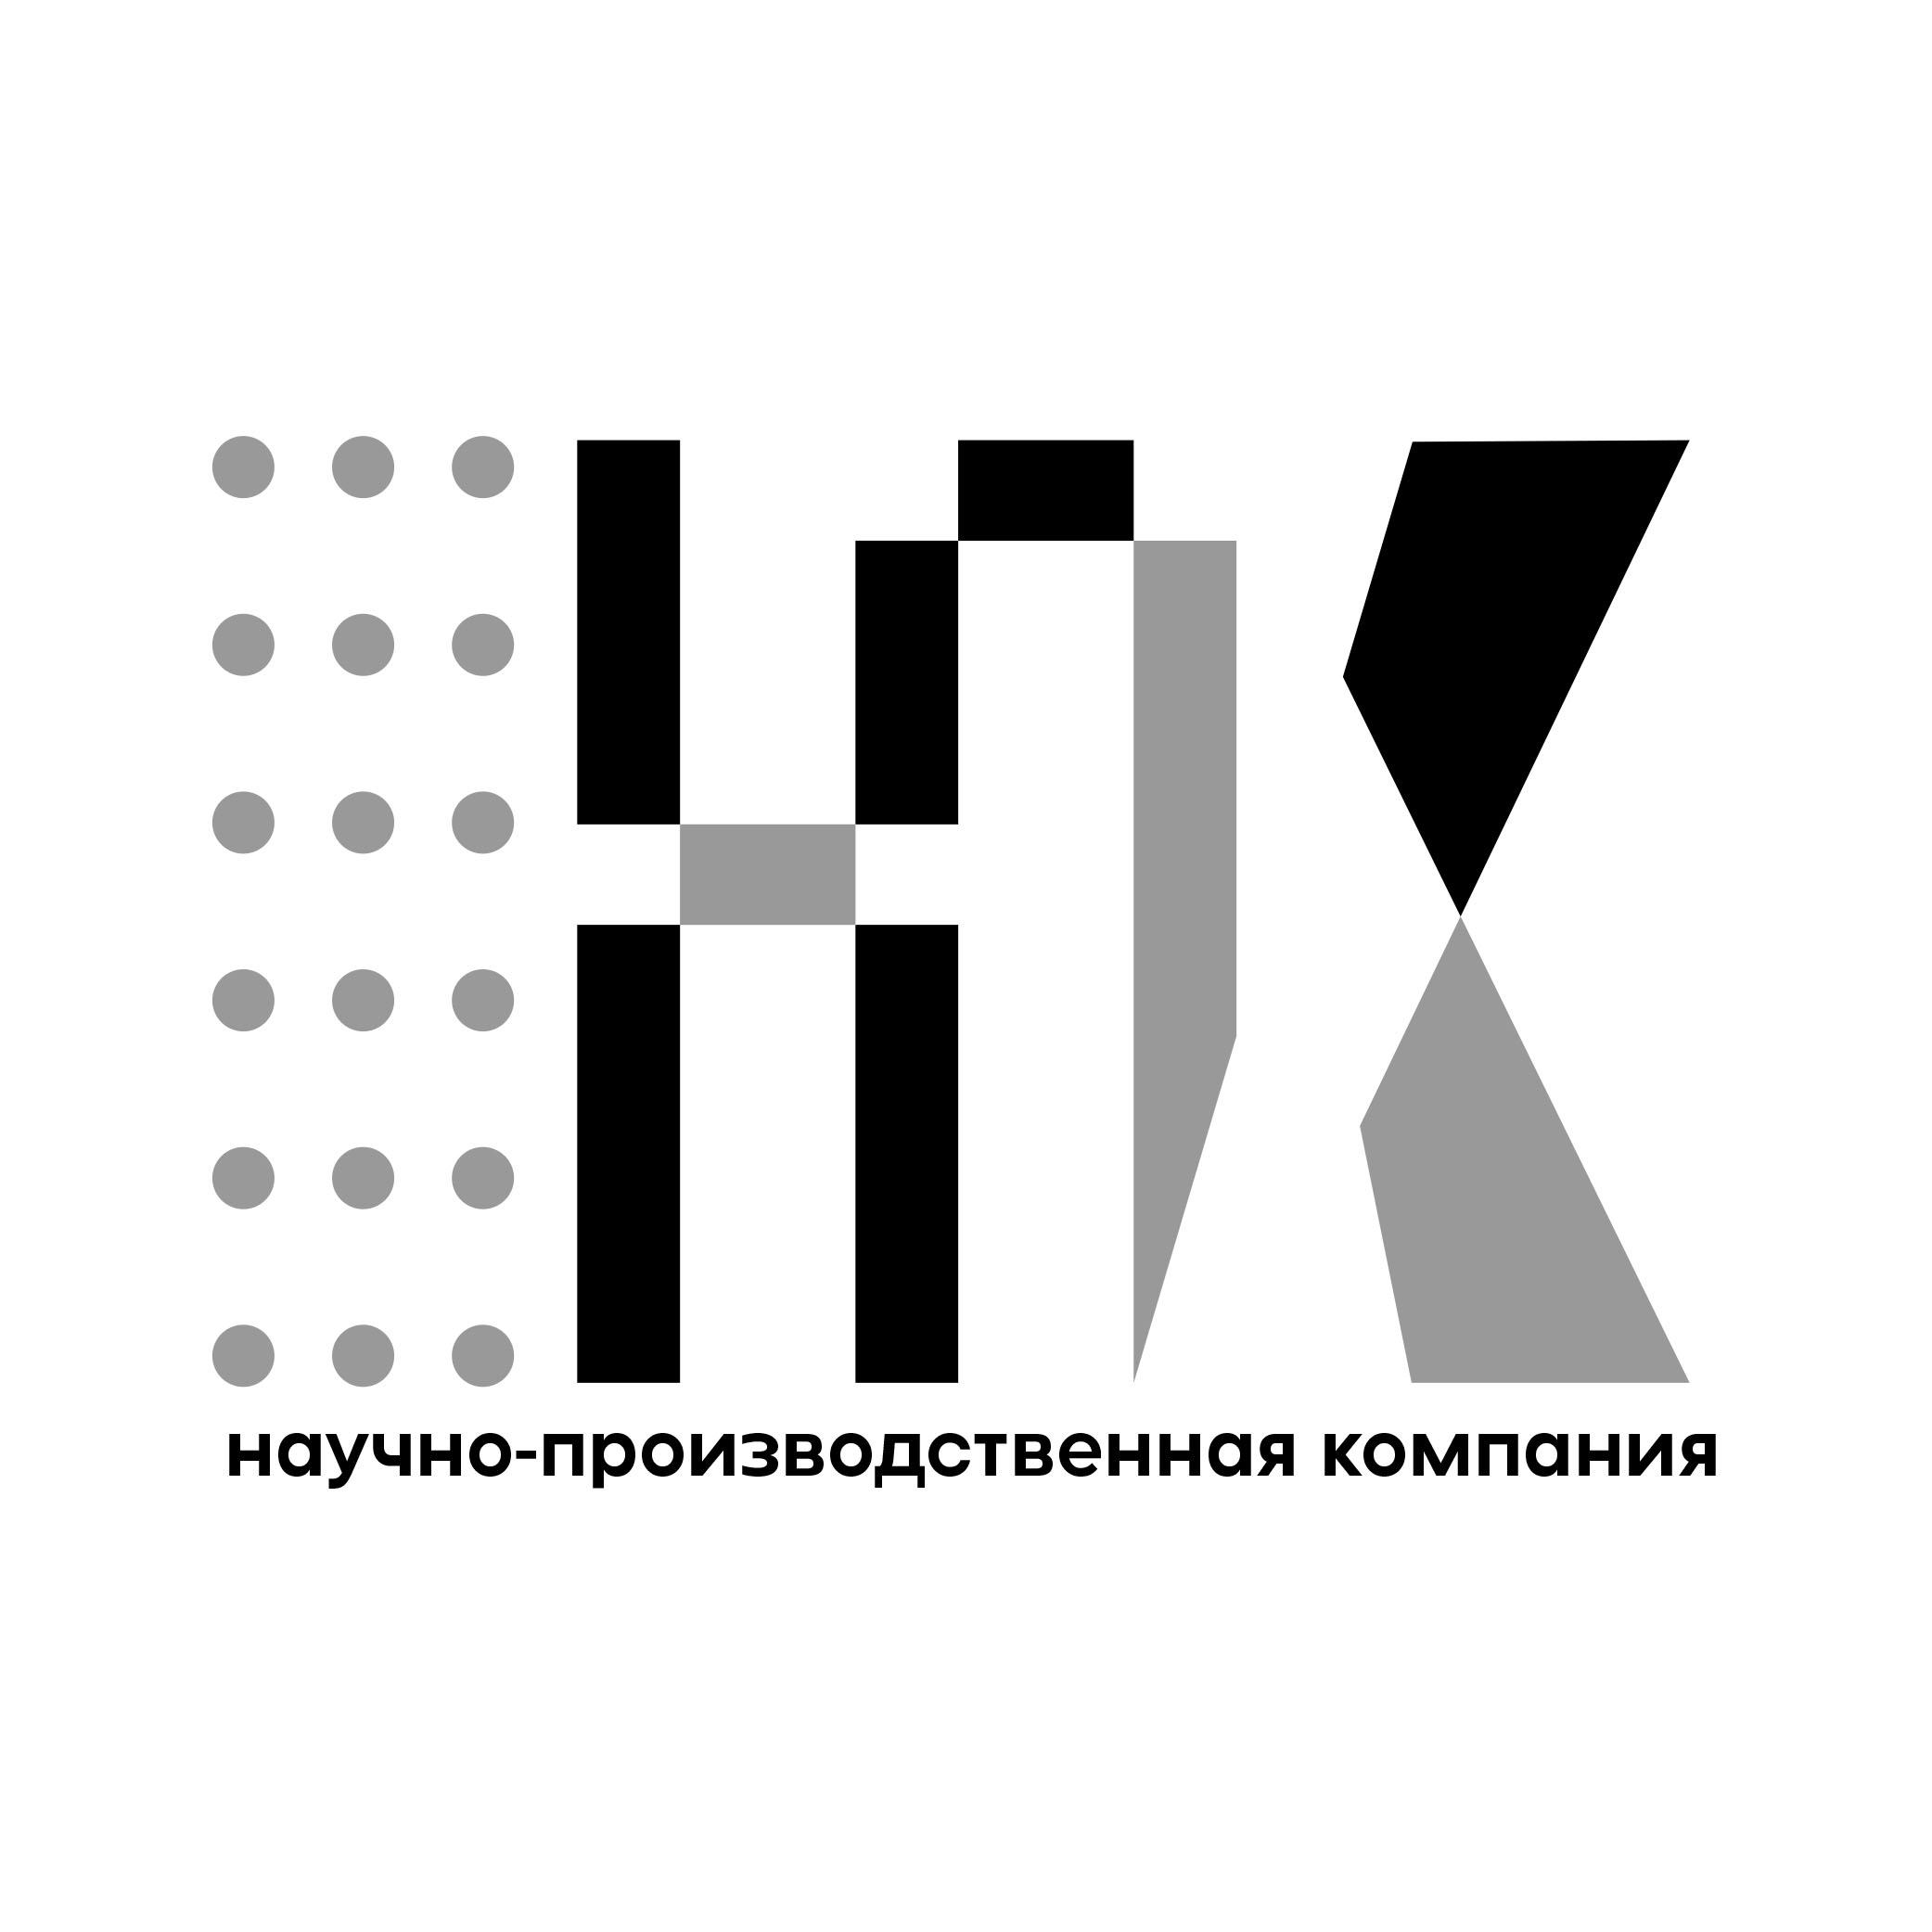 Нарисовать лого для Научно-производственной компании фото f_1295fc015eec226c.jpg